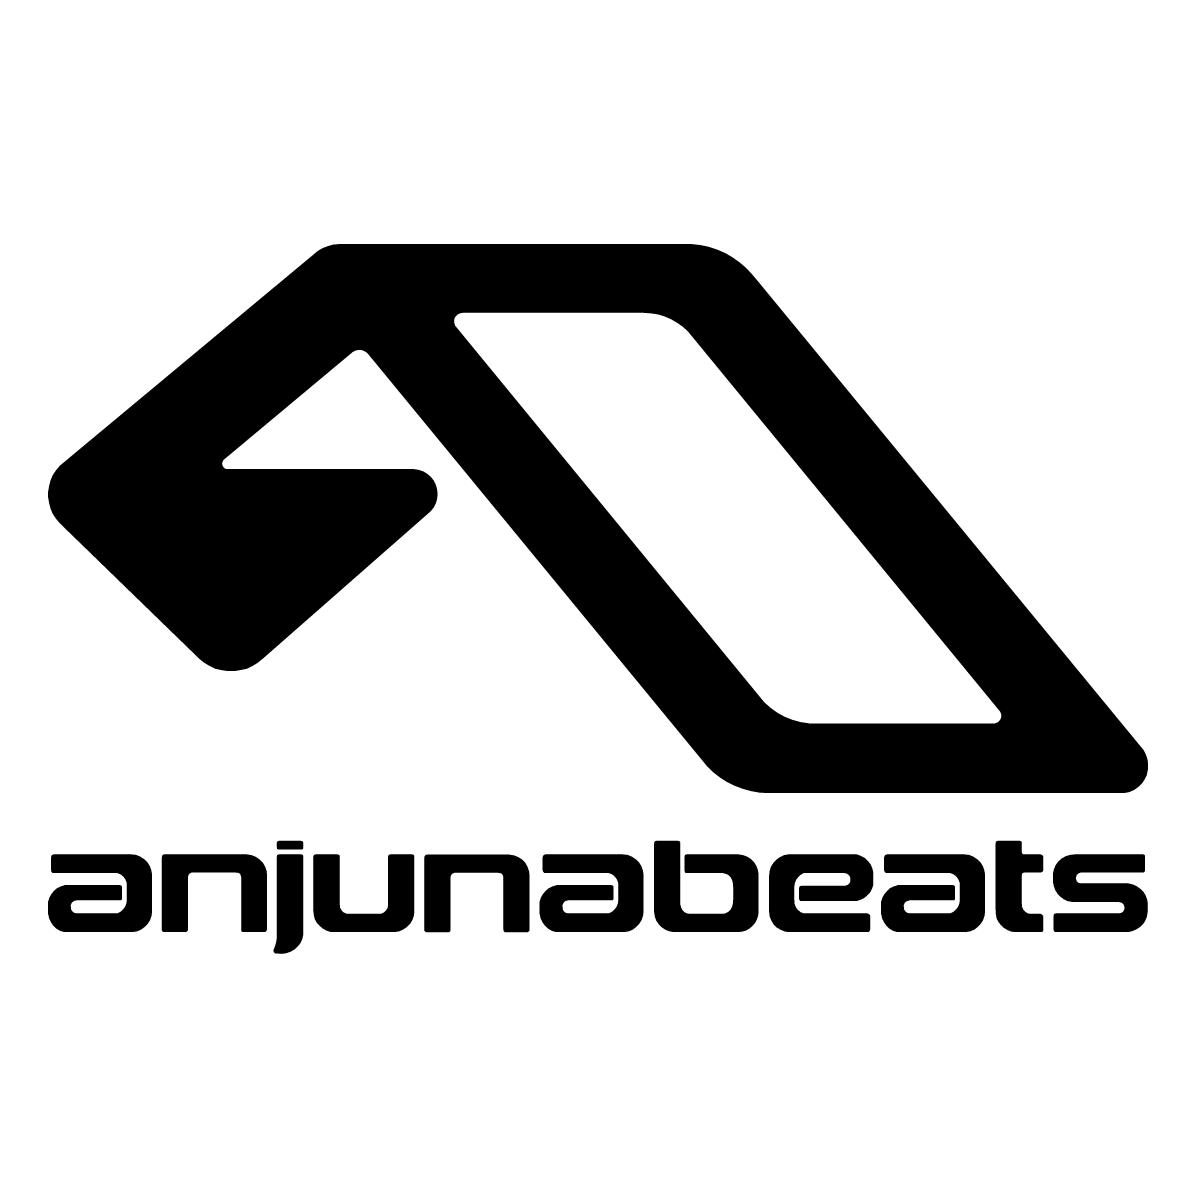 anjunabeats_big_plain1.png